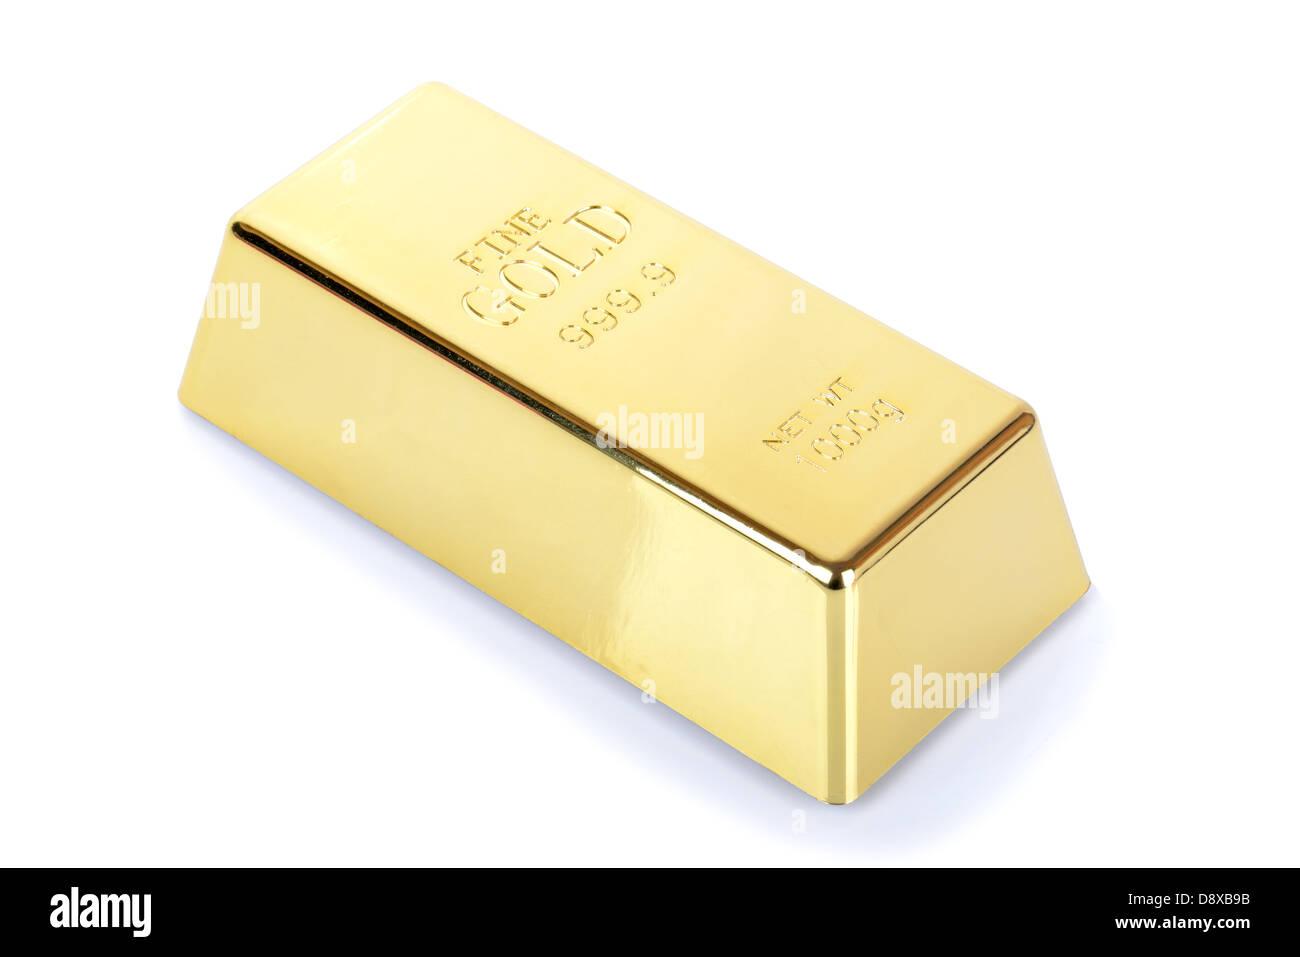 Single gold bullion ingot on white background - Stock Image